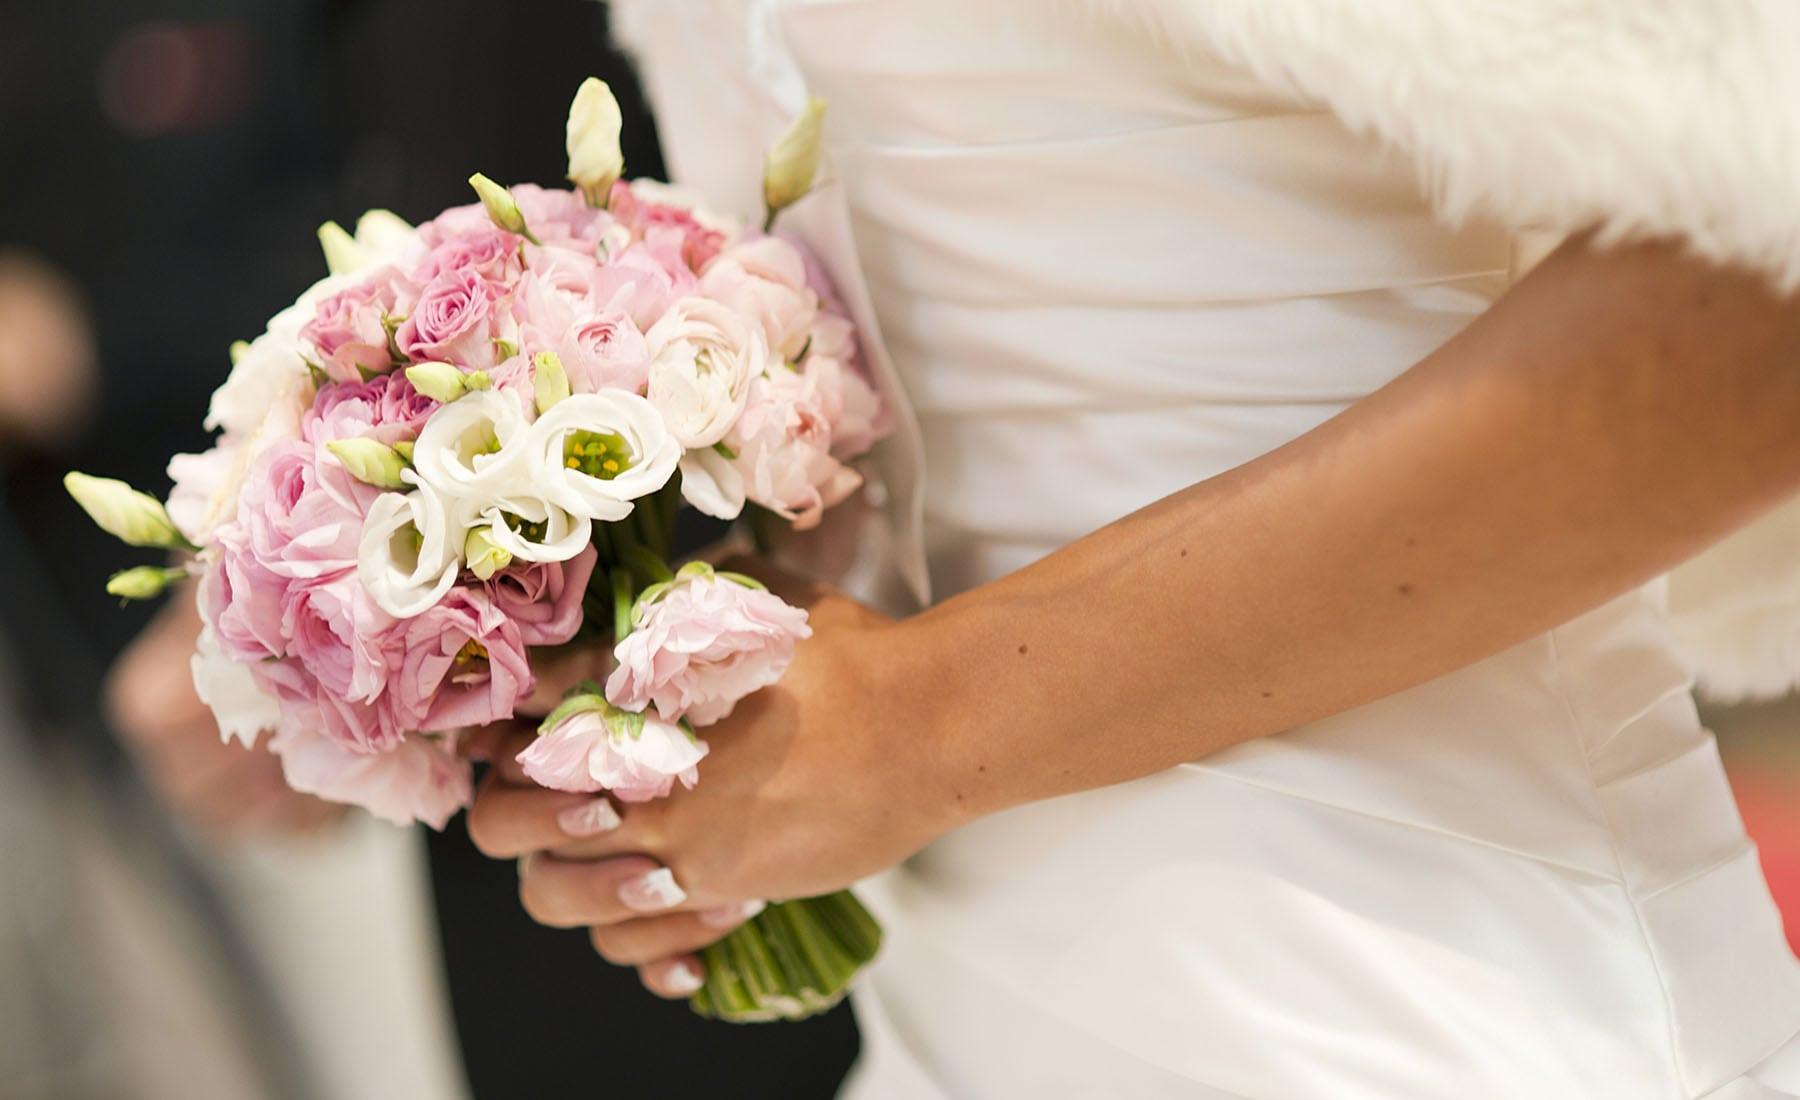 Matrimonio Catolico Liturgia : Opciones para la liturgia de matrimonios matrimonio catolico